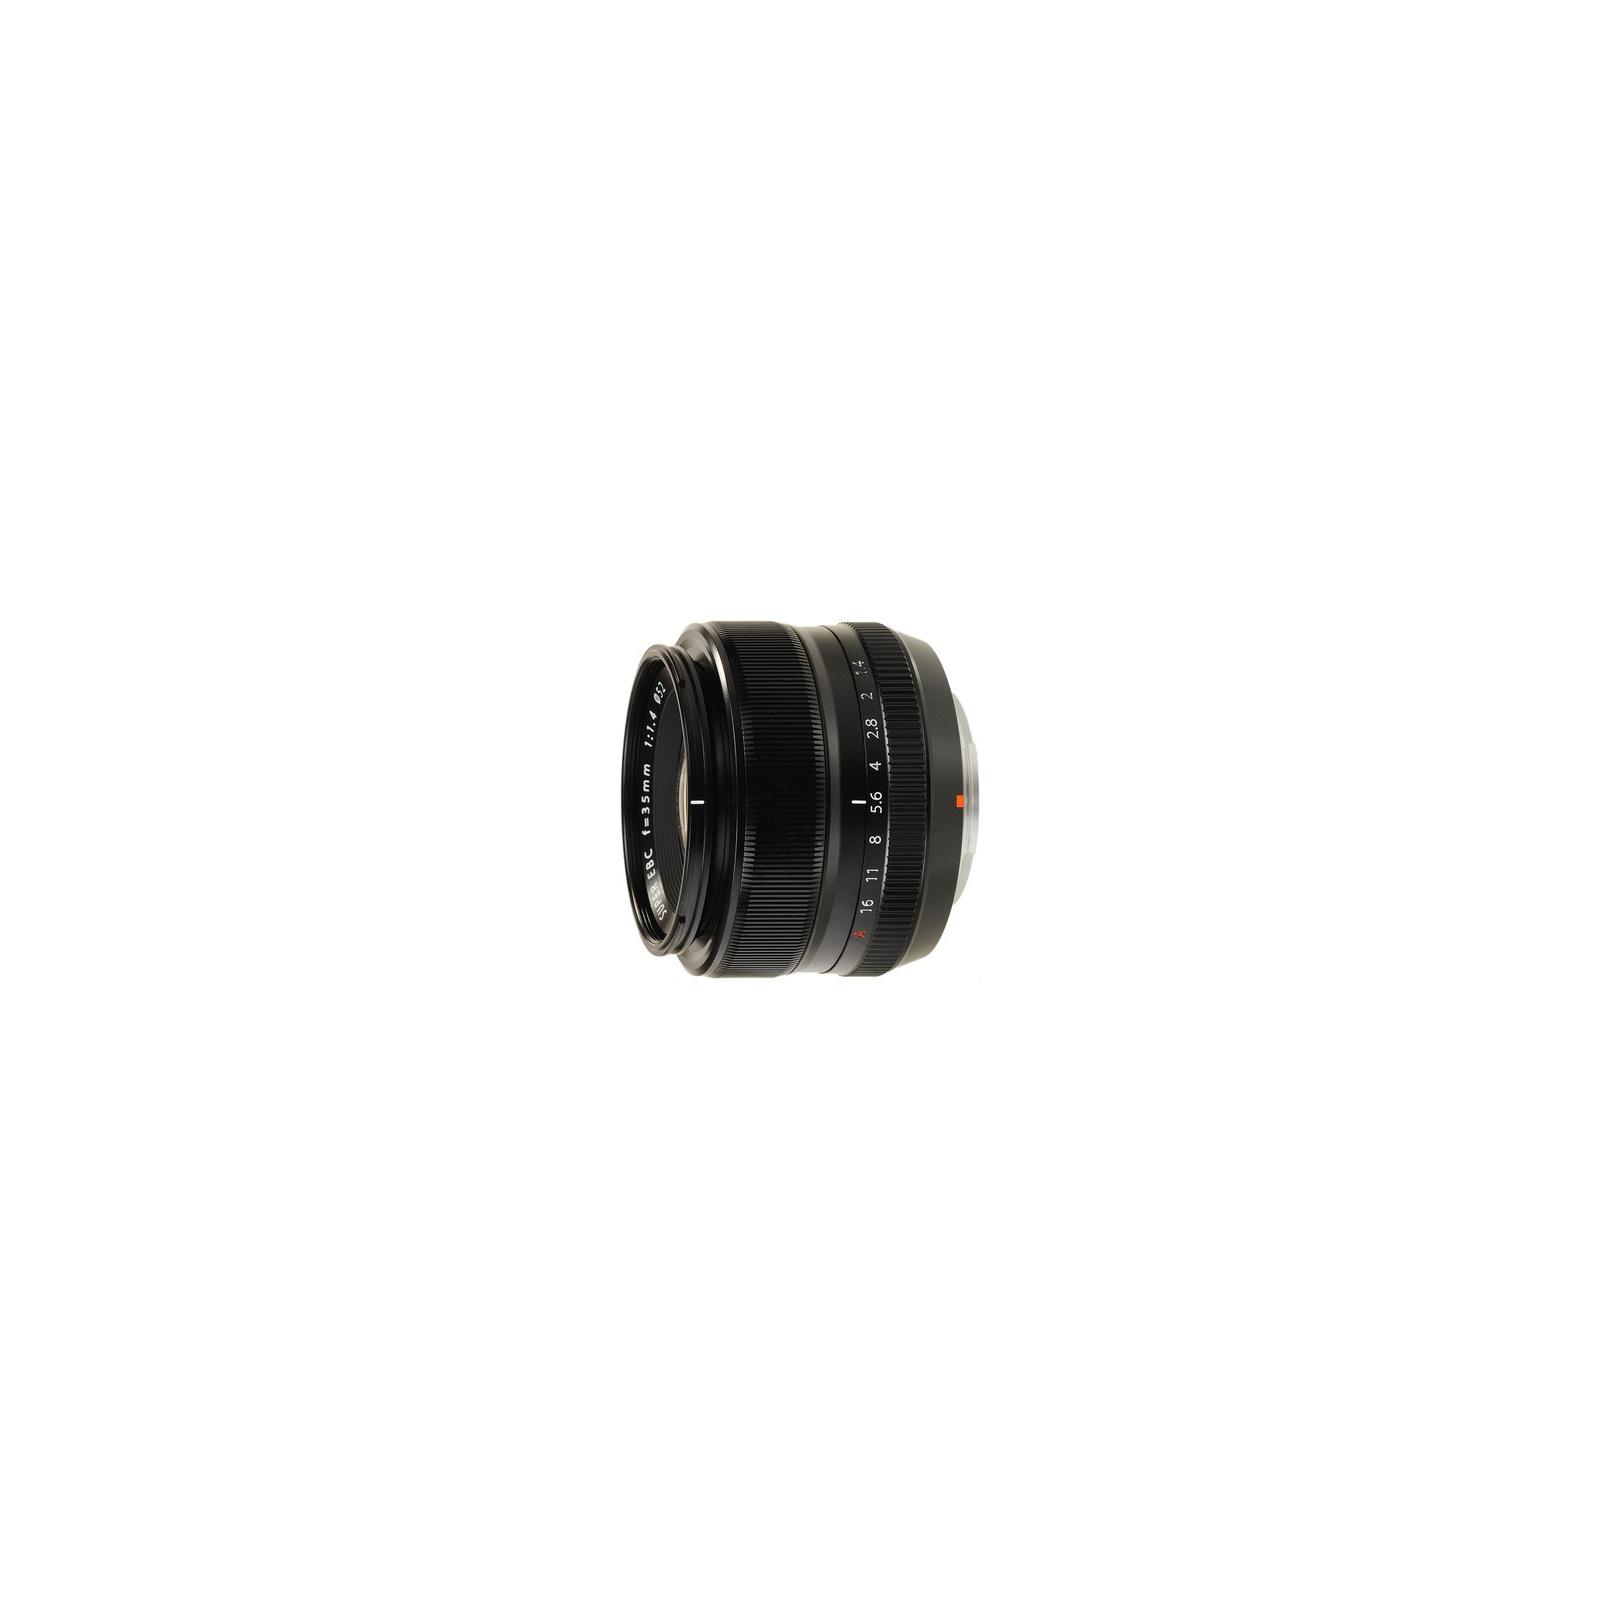 Объектив Fujifilm XF-35mm F1.4 R (16240755) изображение 2